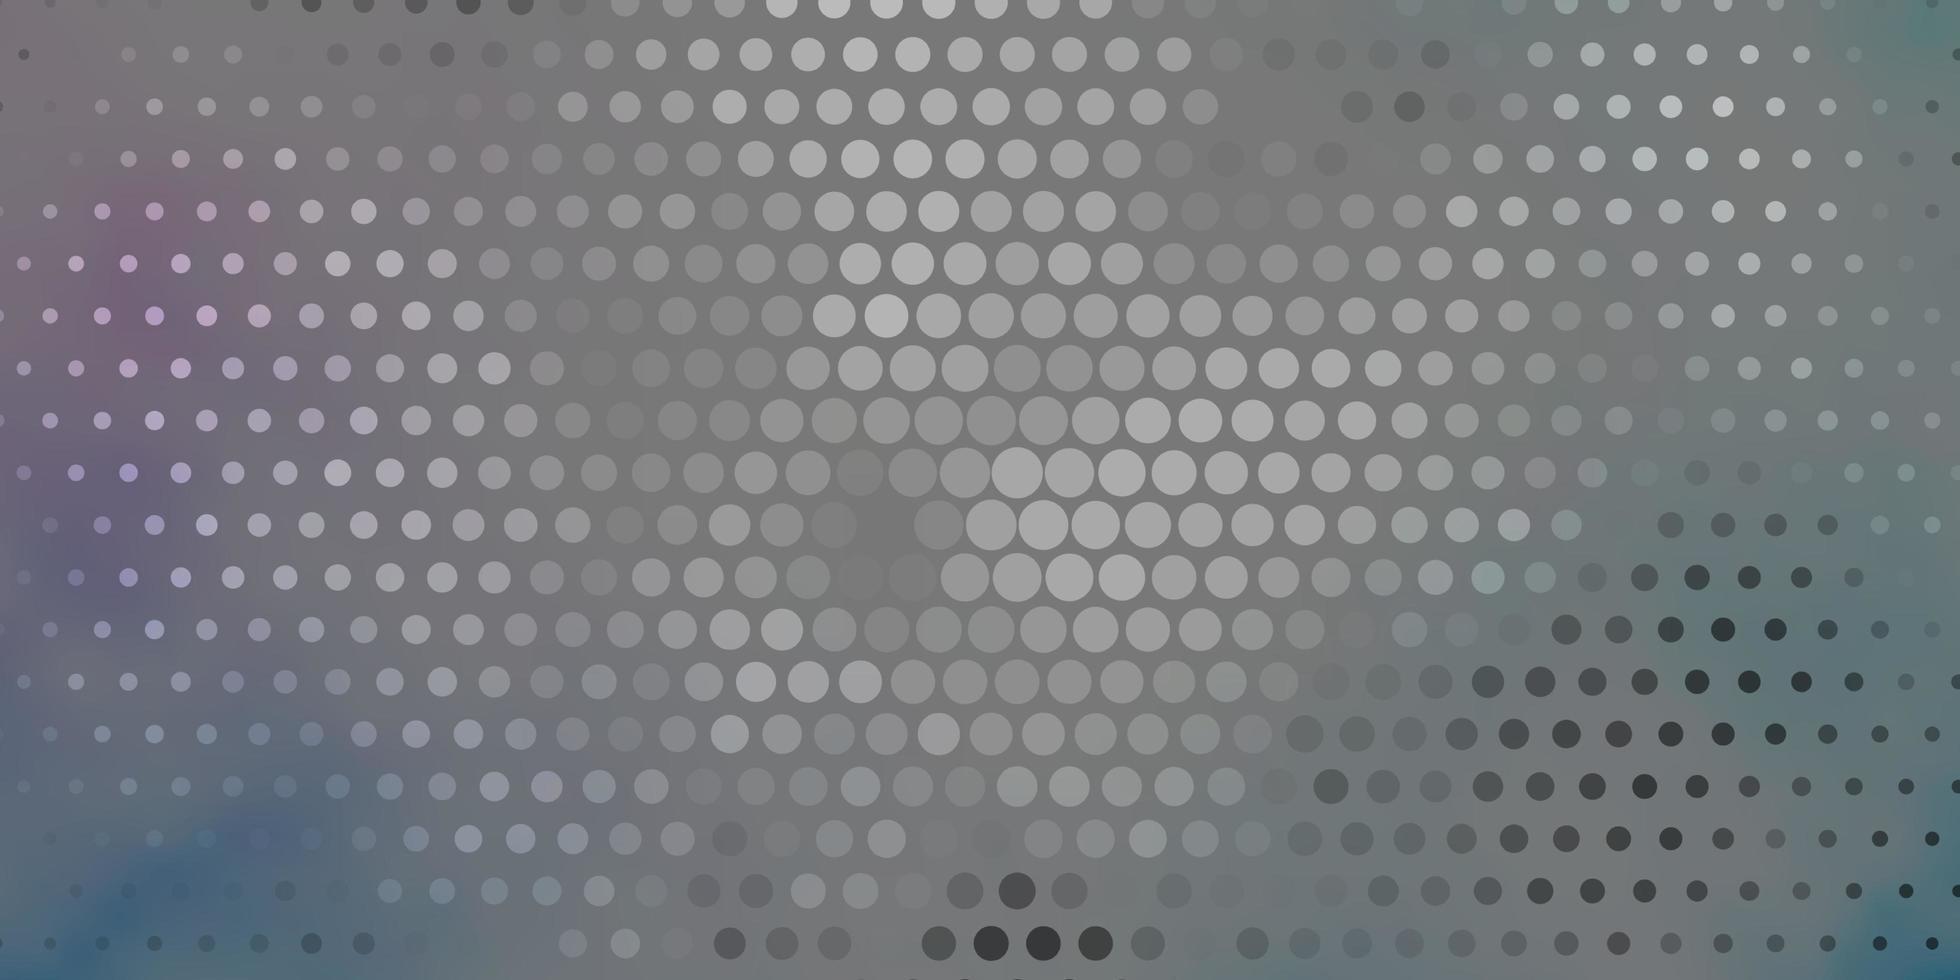 grå, rosa och blått mönster med cirklar. vektor